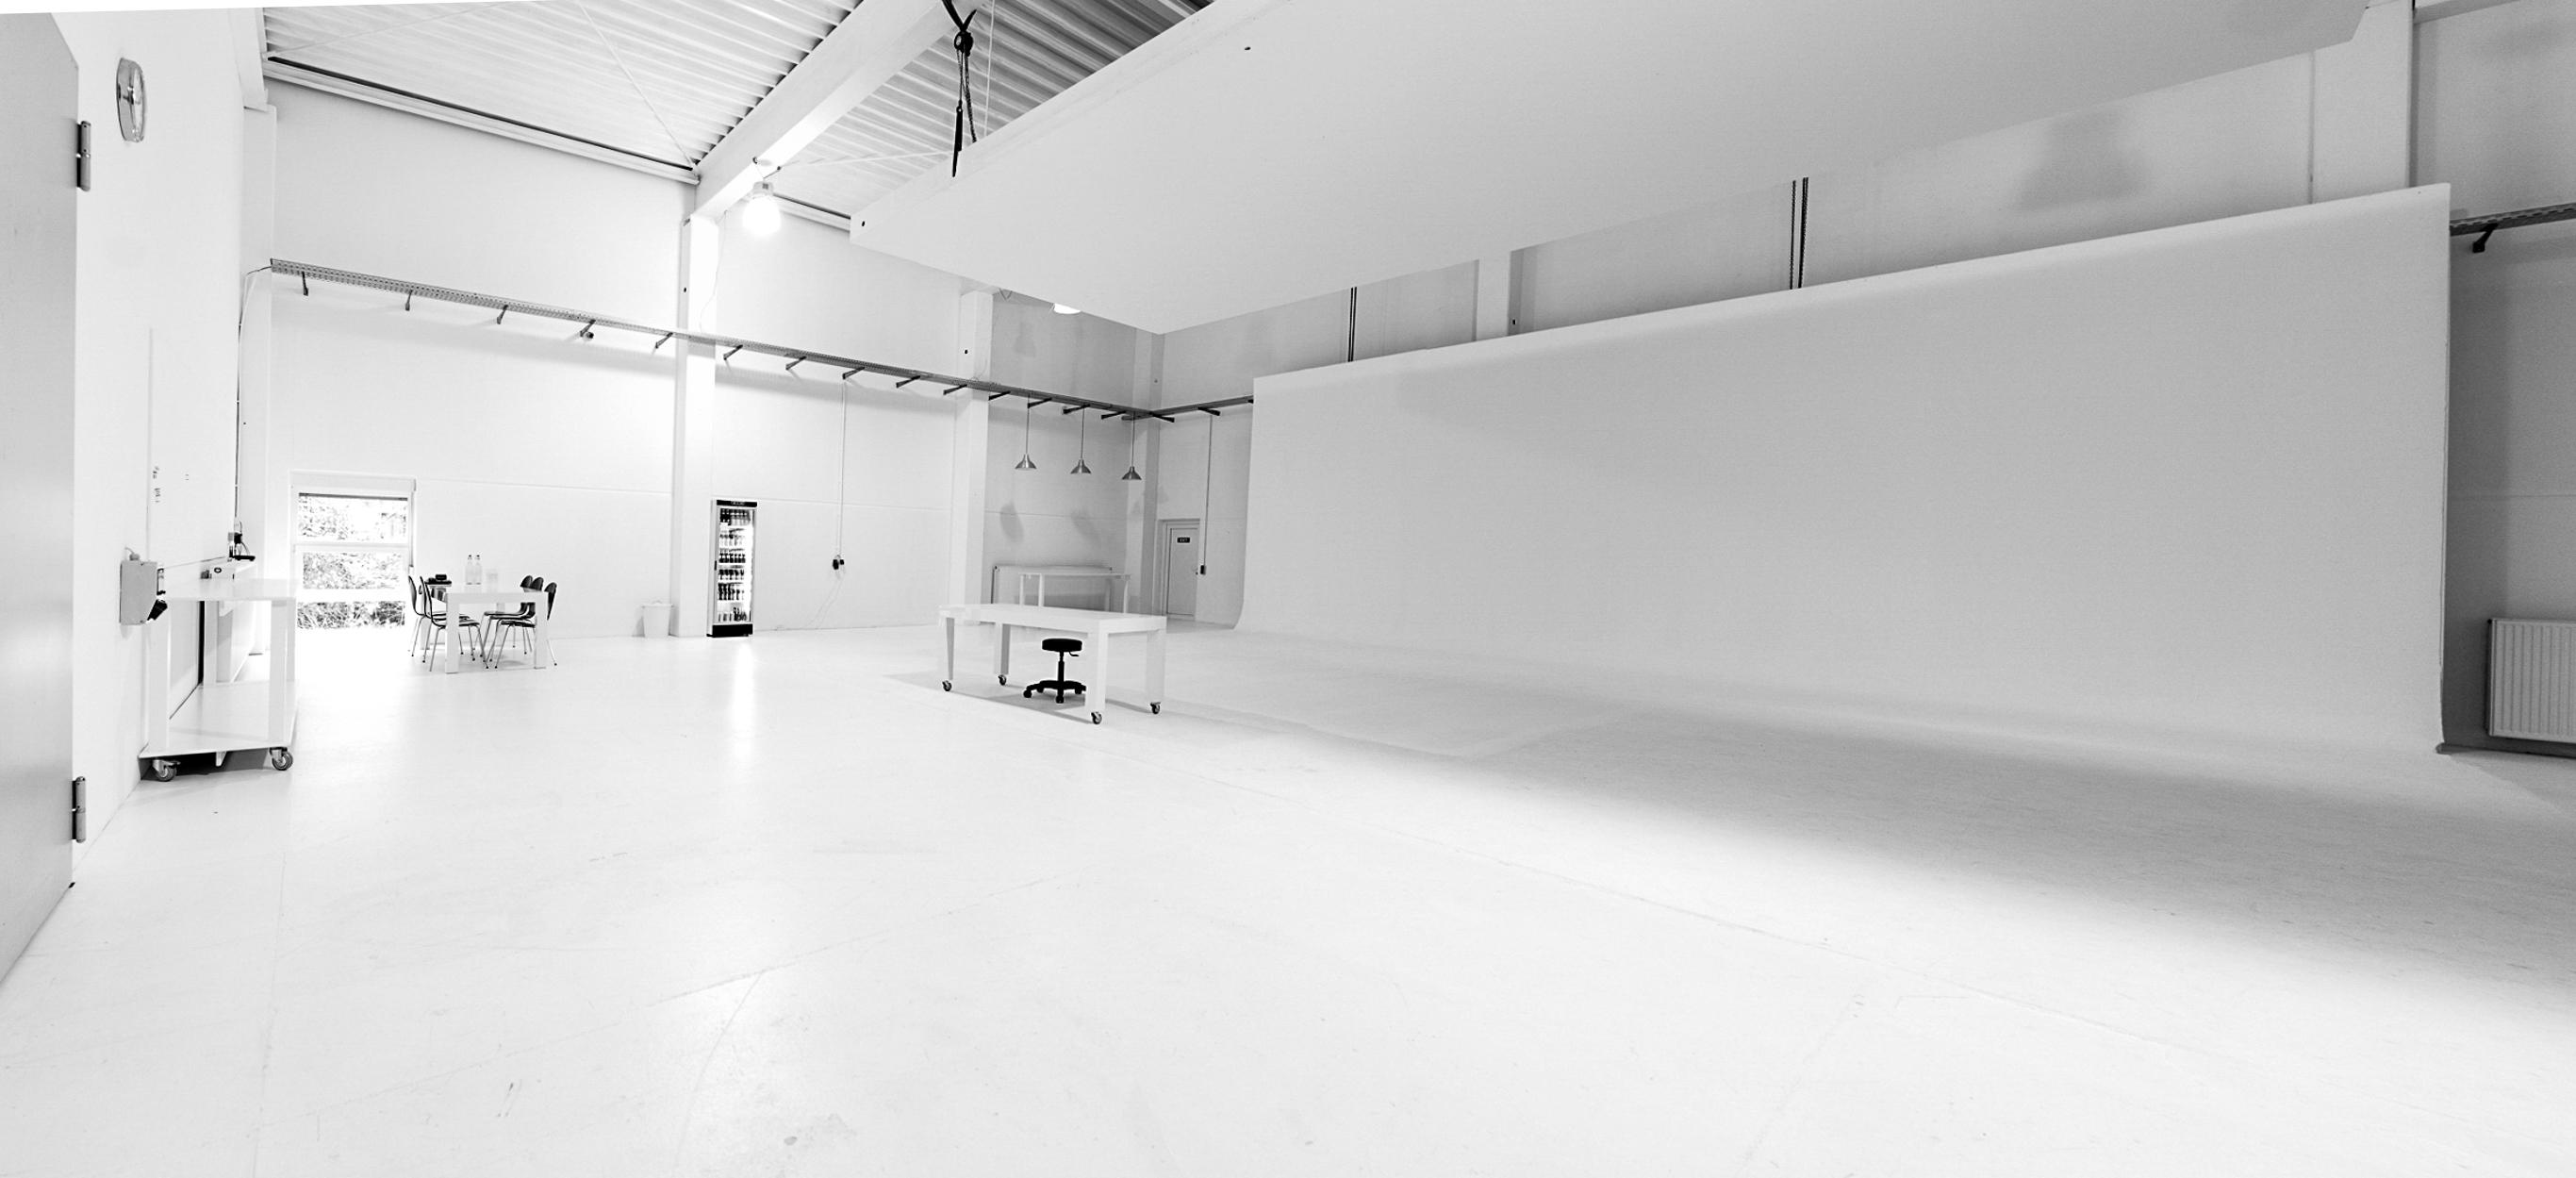 2017 | United | Studio 1